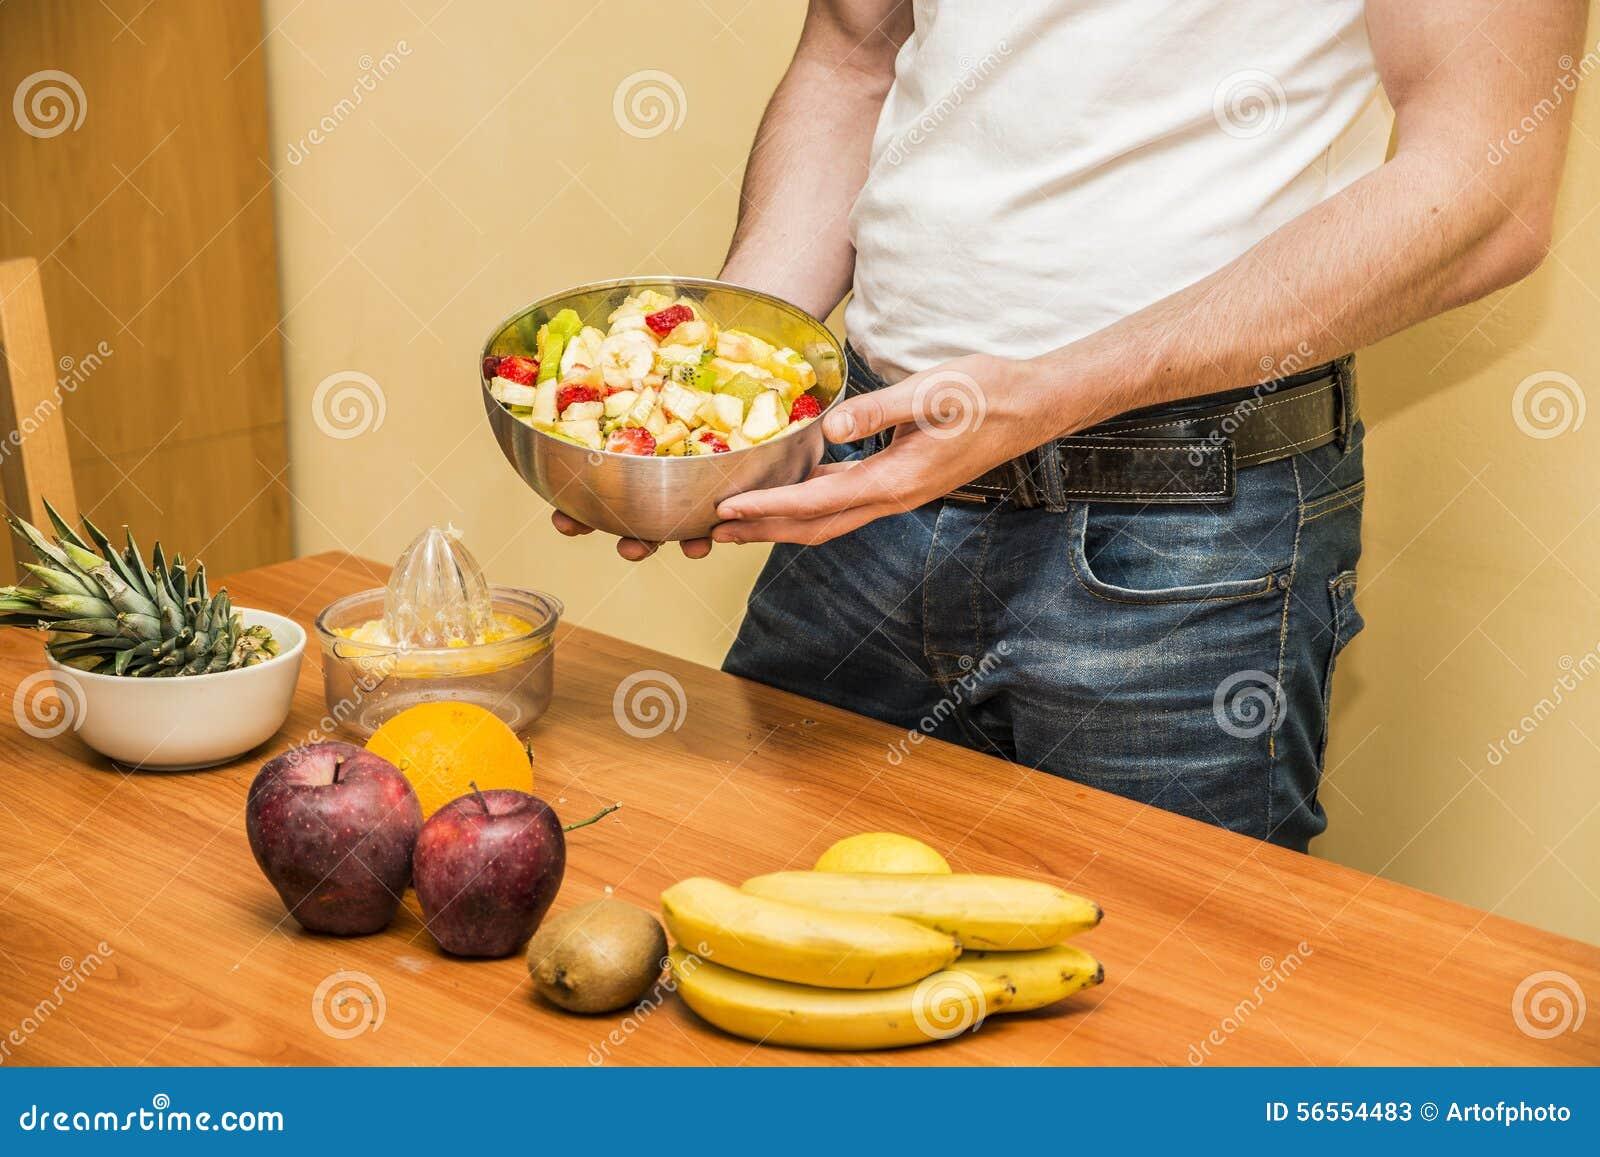 Download Νεαρός άνδρας που προετοιμάζει μια σαλάτα ή έναν καταφερτζή φρούτων Στοκ Εικόνα - εικόνα από τακτοποίηση, σφαιριστών: 56554483